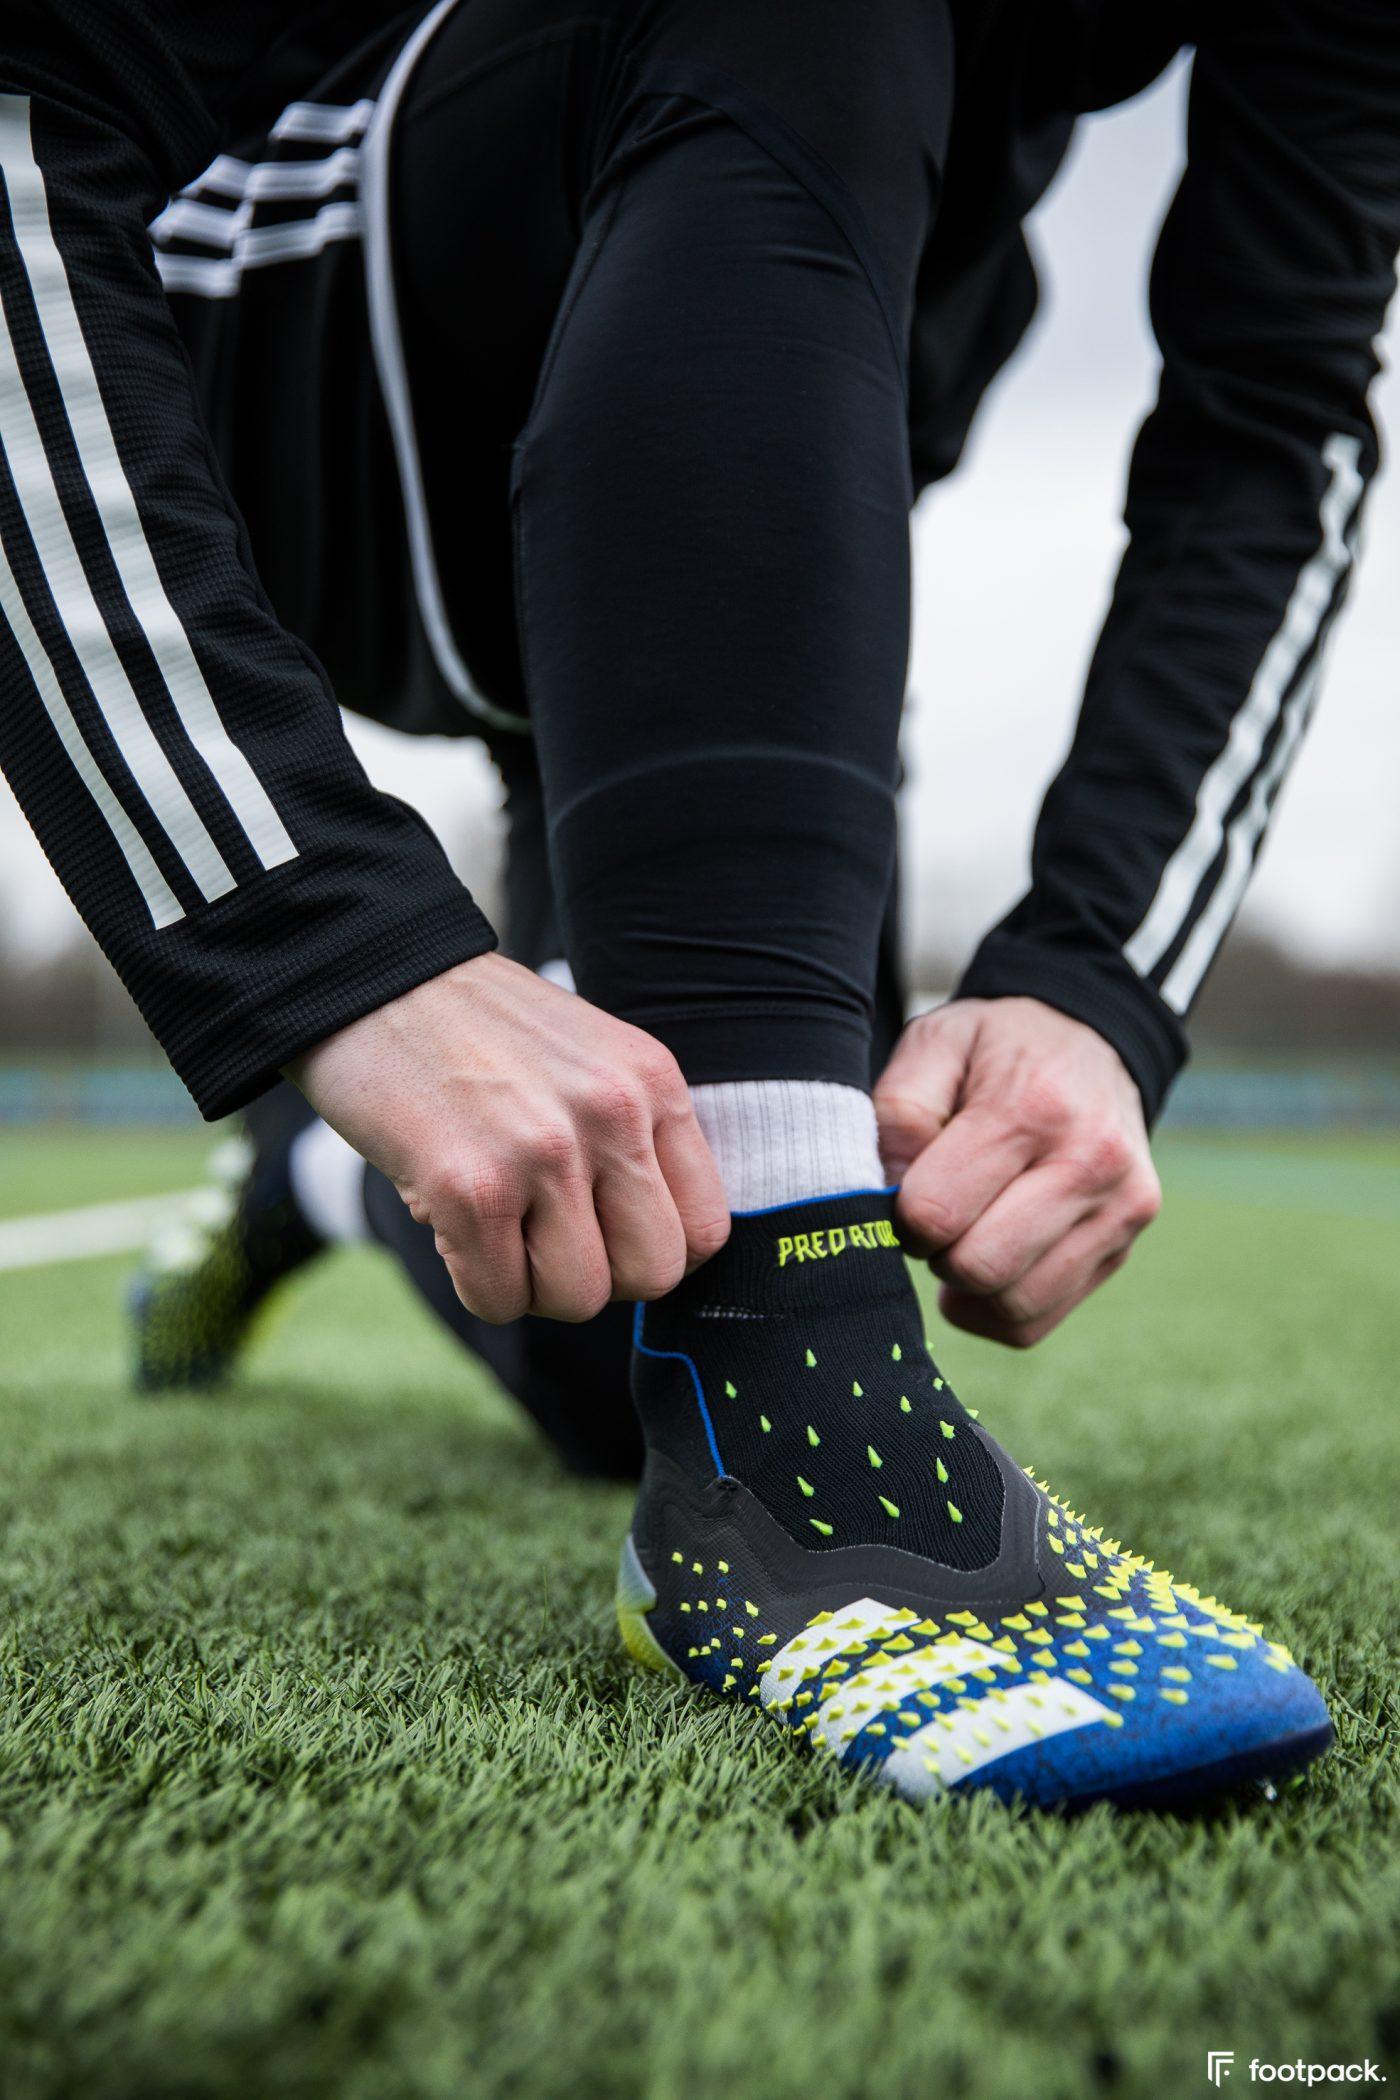 test-adidas-predator-freak+-footpack-45